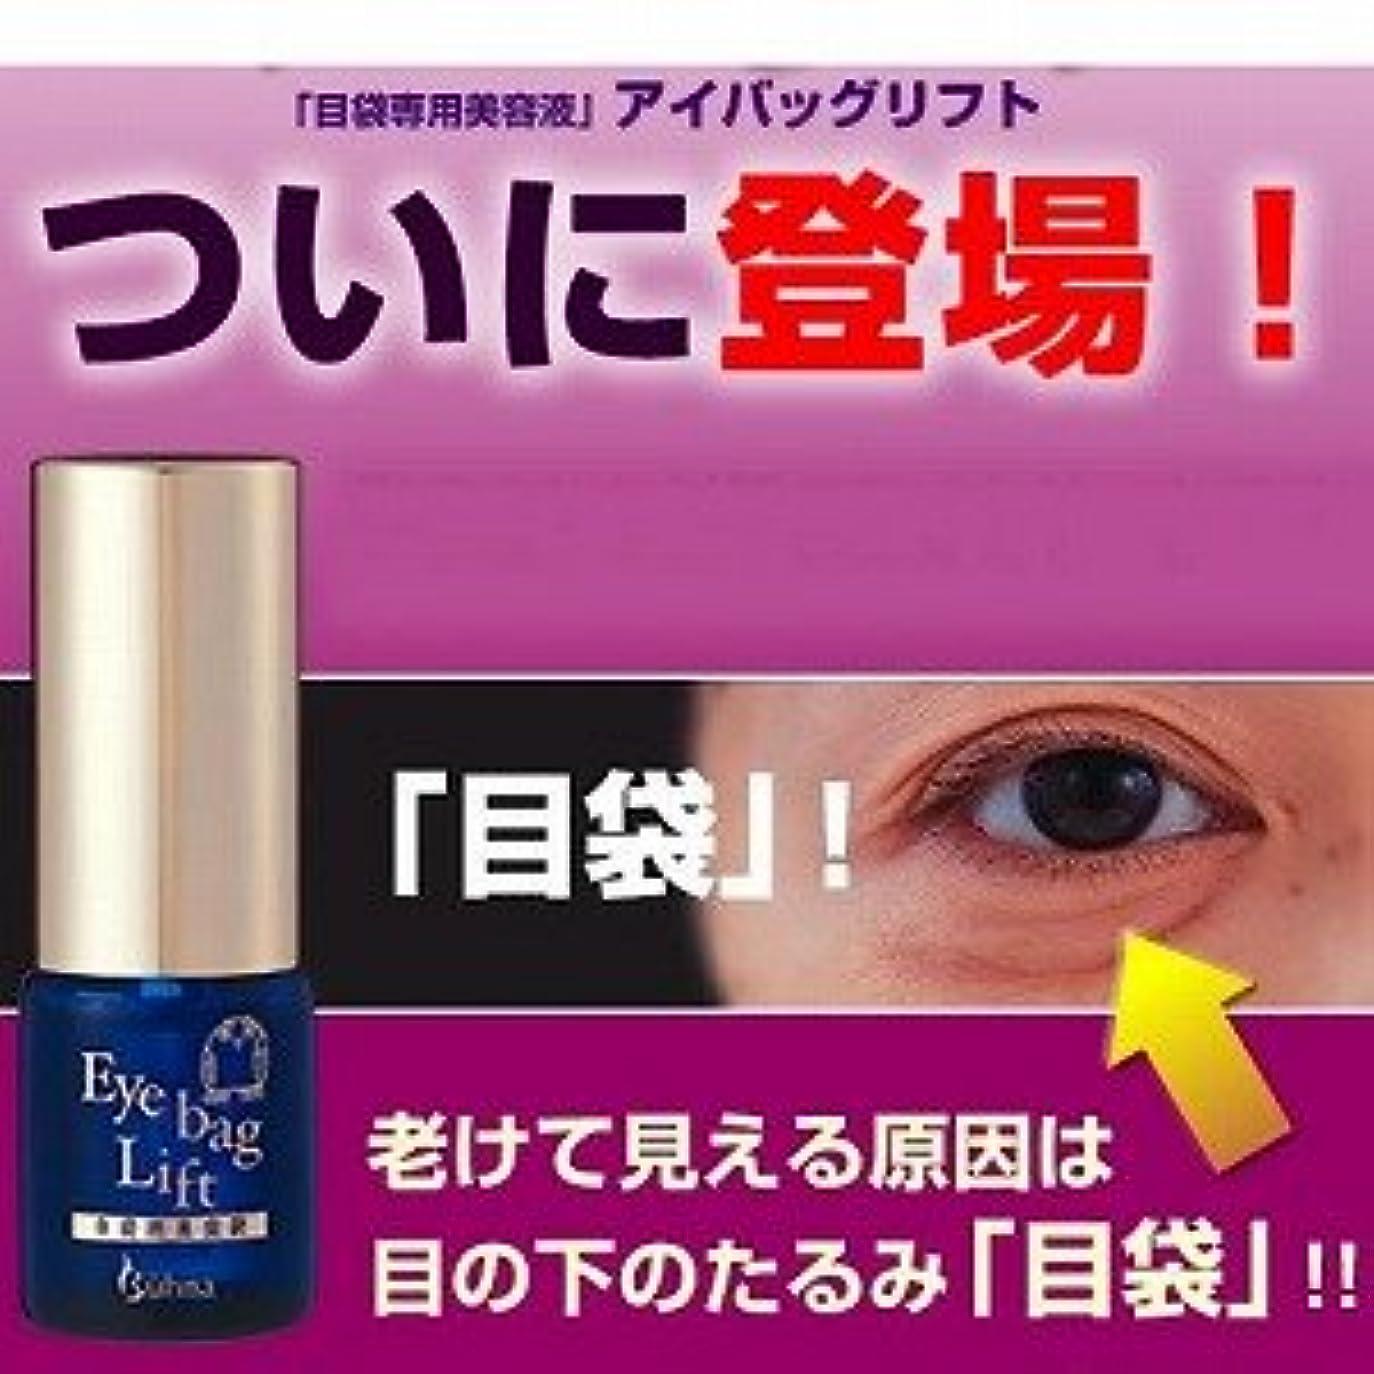 放棄するぐるぐるスティック老けて見える原因は、目元、目の下のたるみ「目袋」『目袋専用美容液 アイバッグリフト』